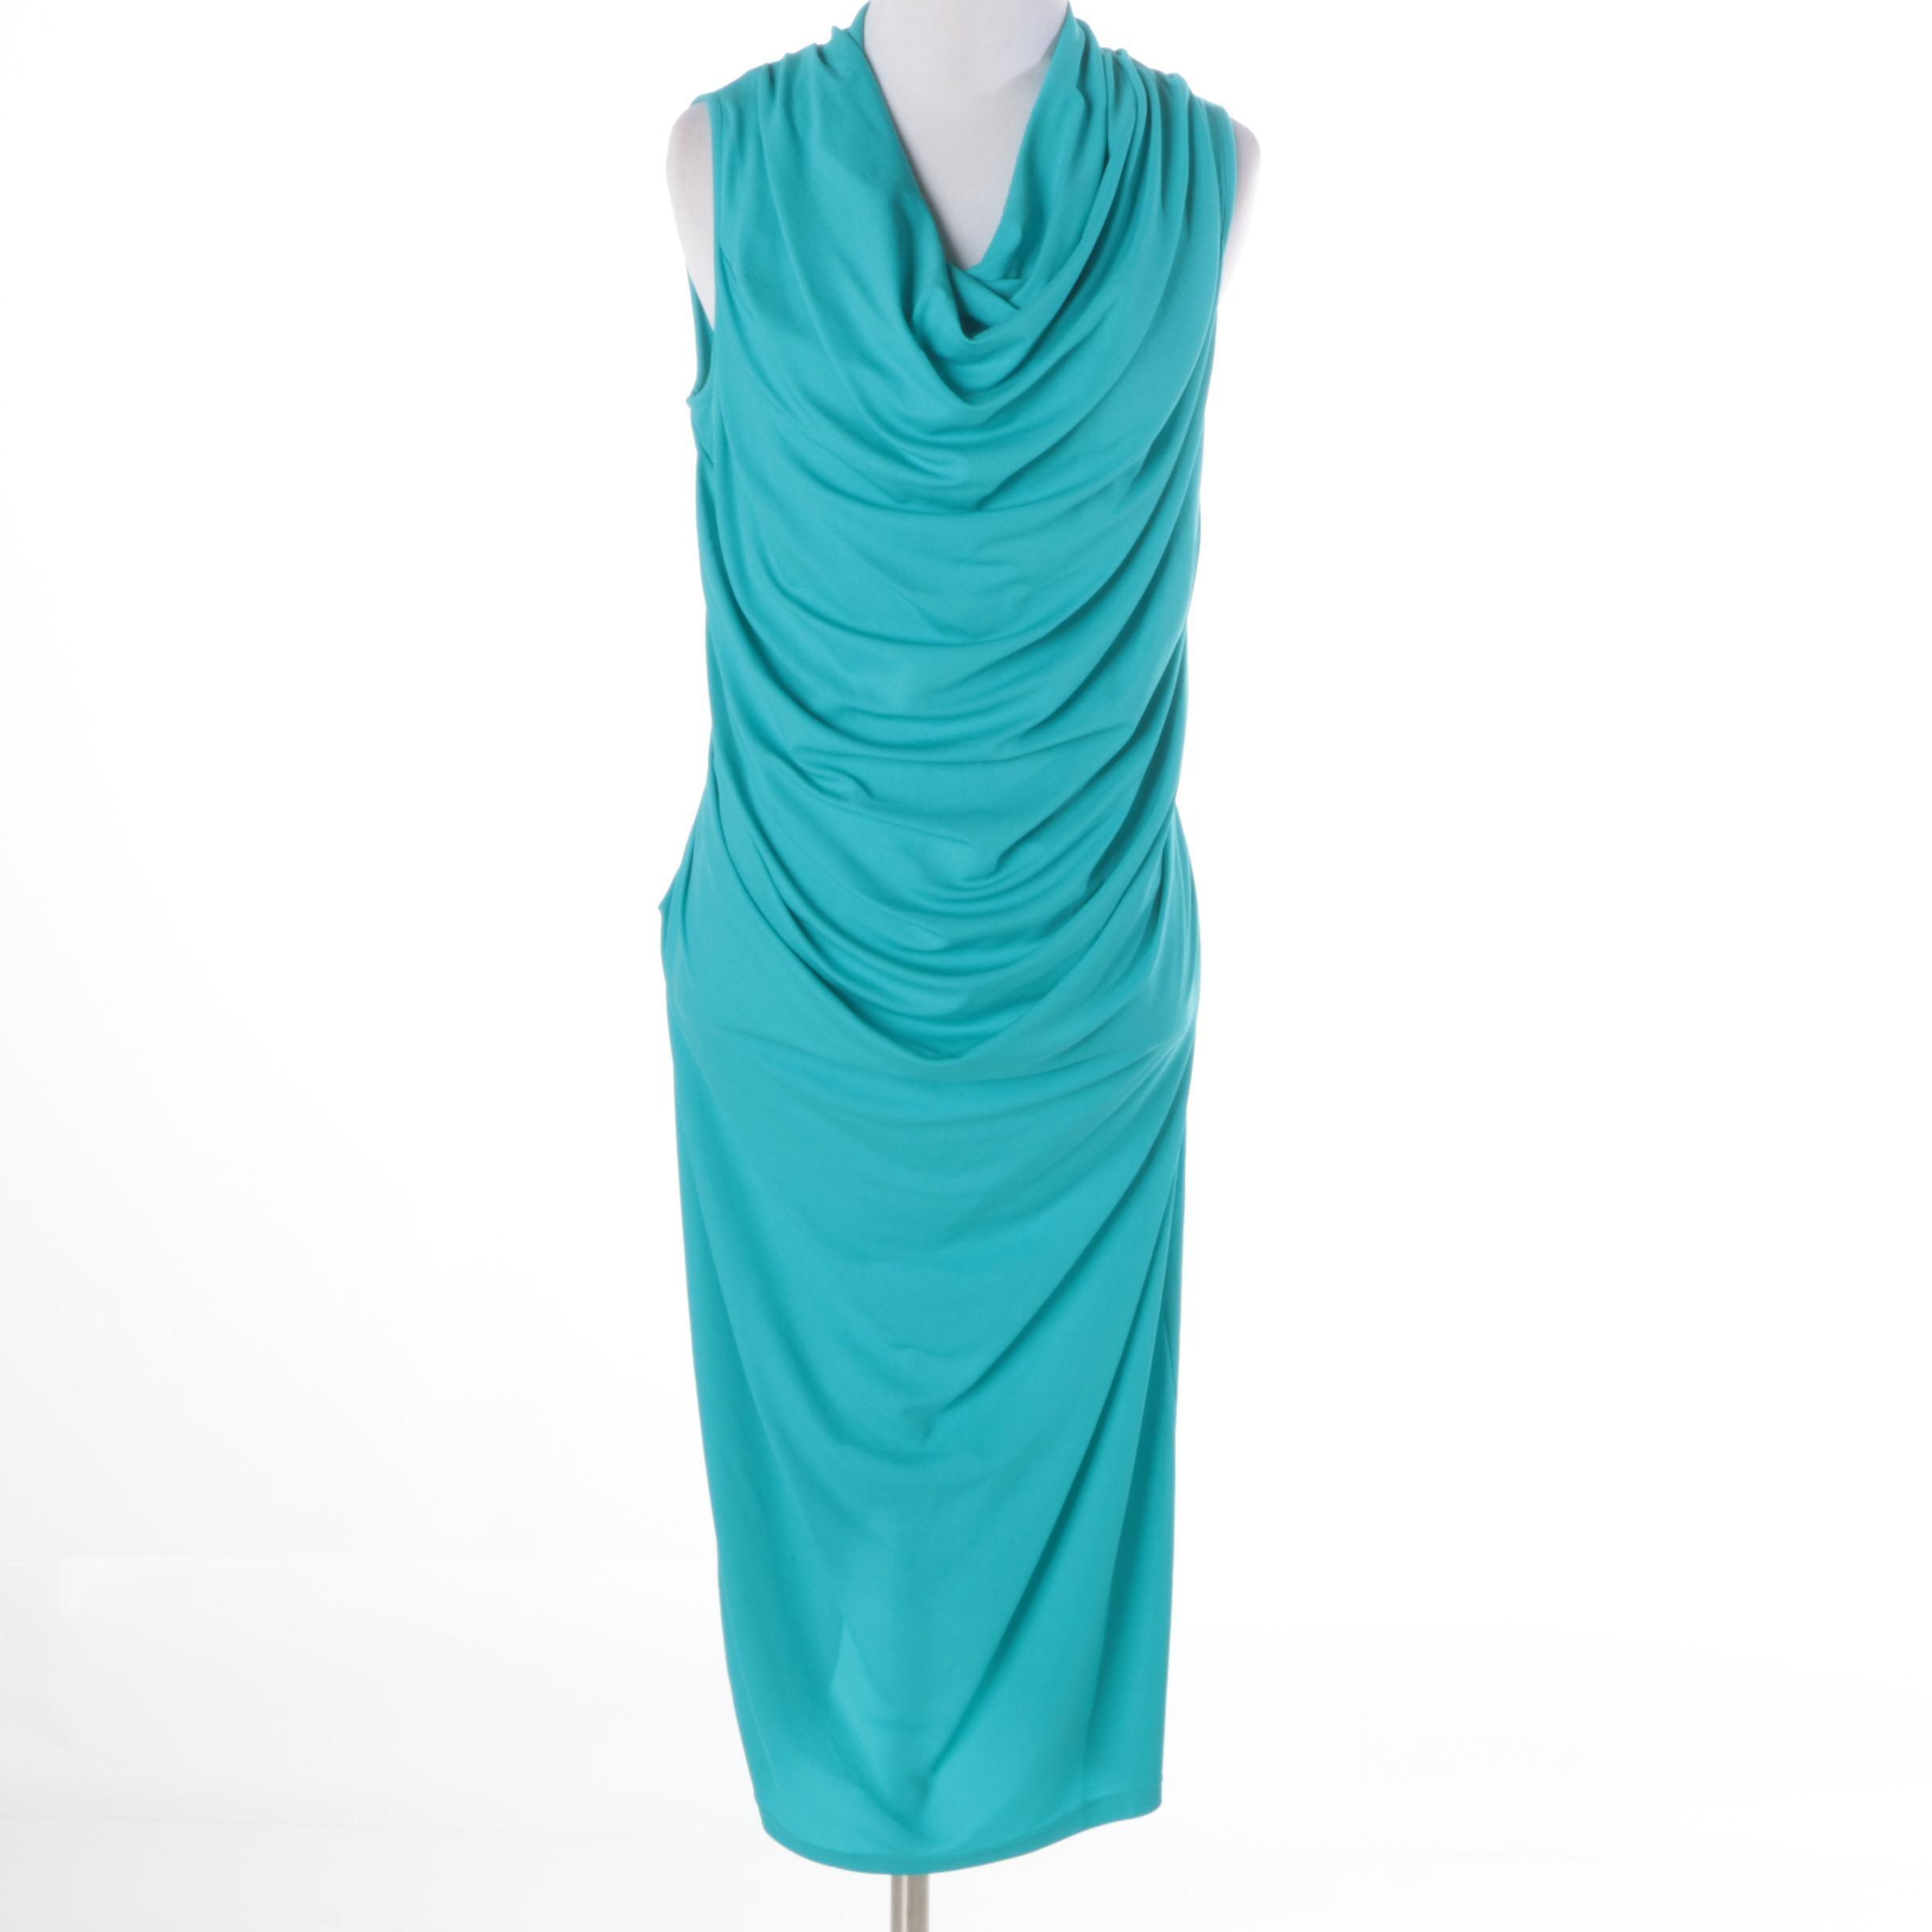 Michael Kors Turquoise Draped Dress